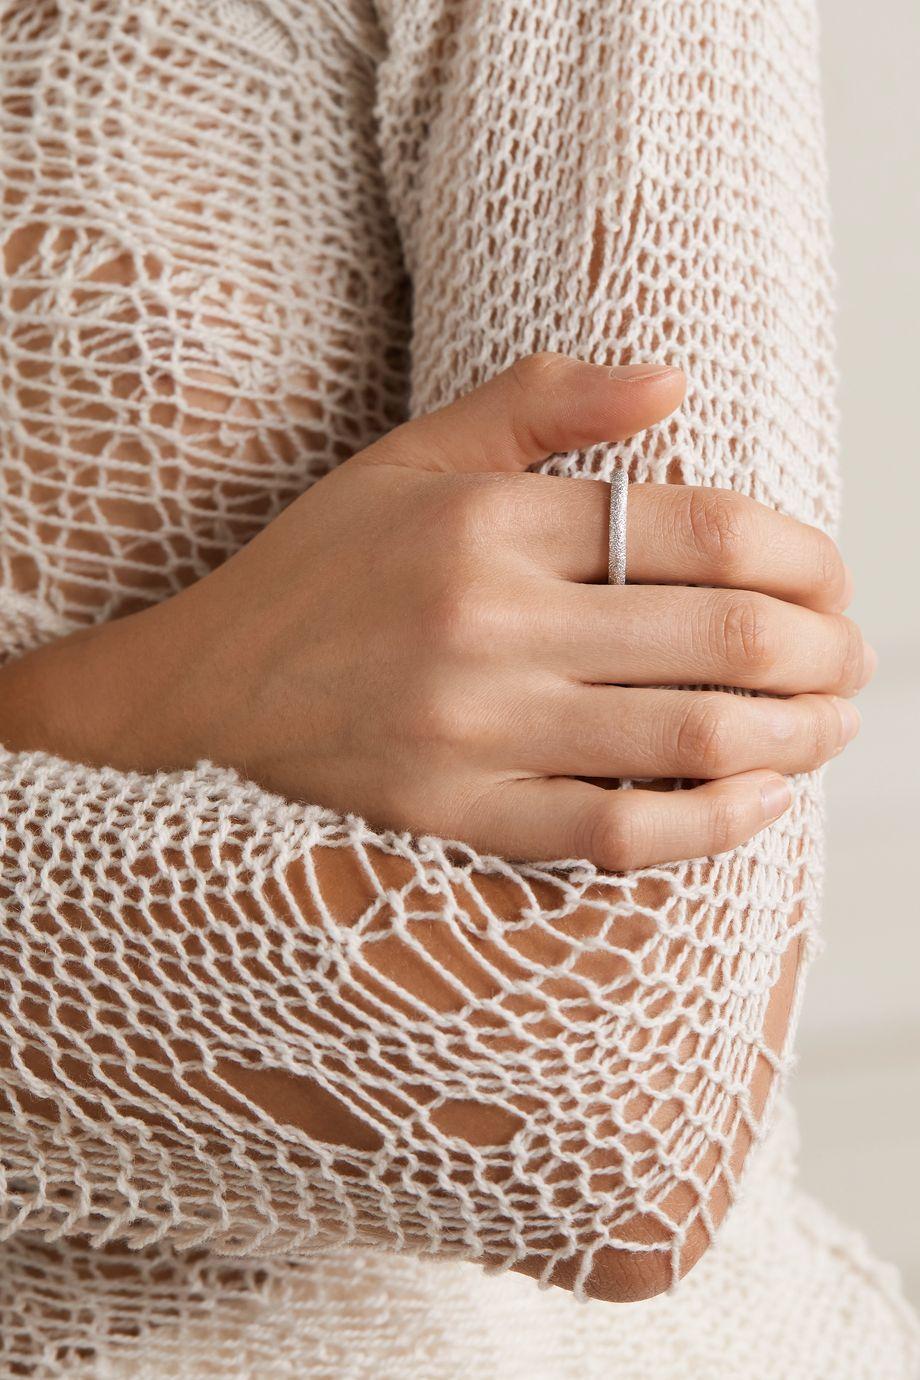 Carolina Bucci Florentine 18-karat white gold ring